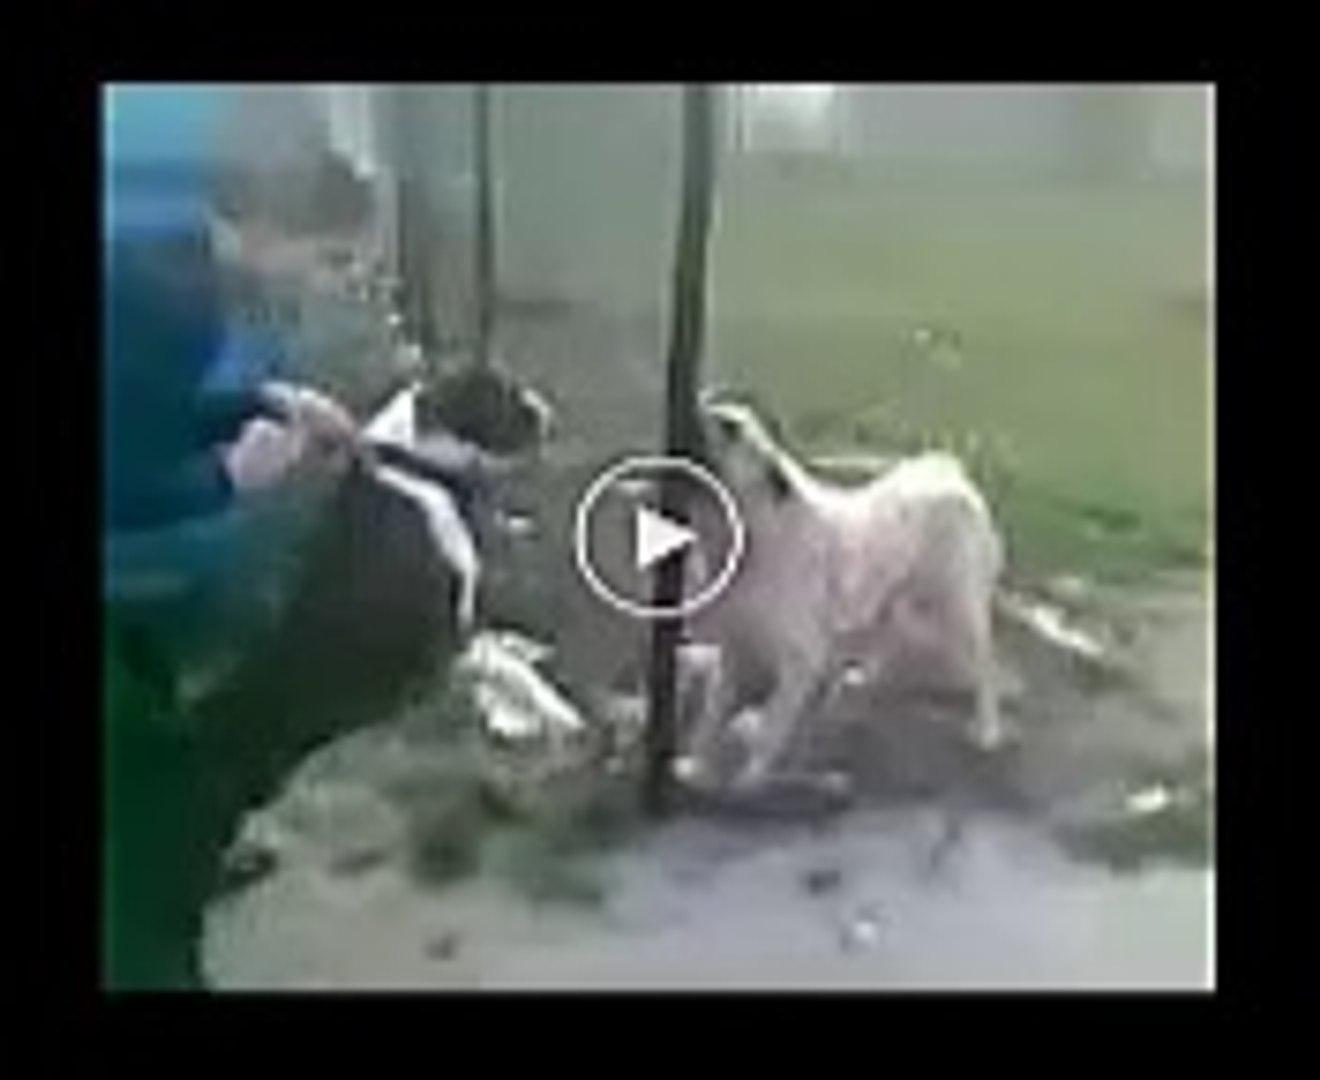 PiTBULL TERRiER vs ANADOLU COBAN KOPEGi - ANATOLiAN SHEPHERD DOG vs PiTBULL TERRiER